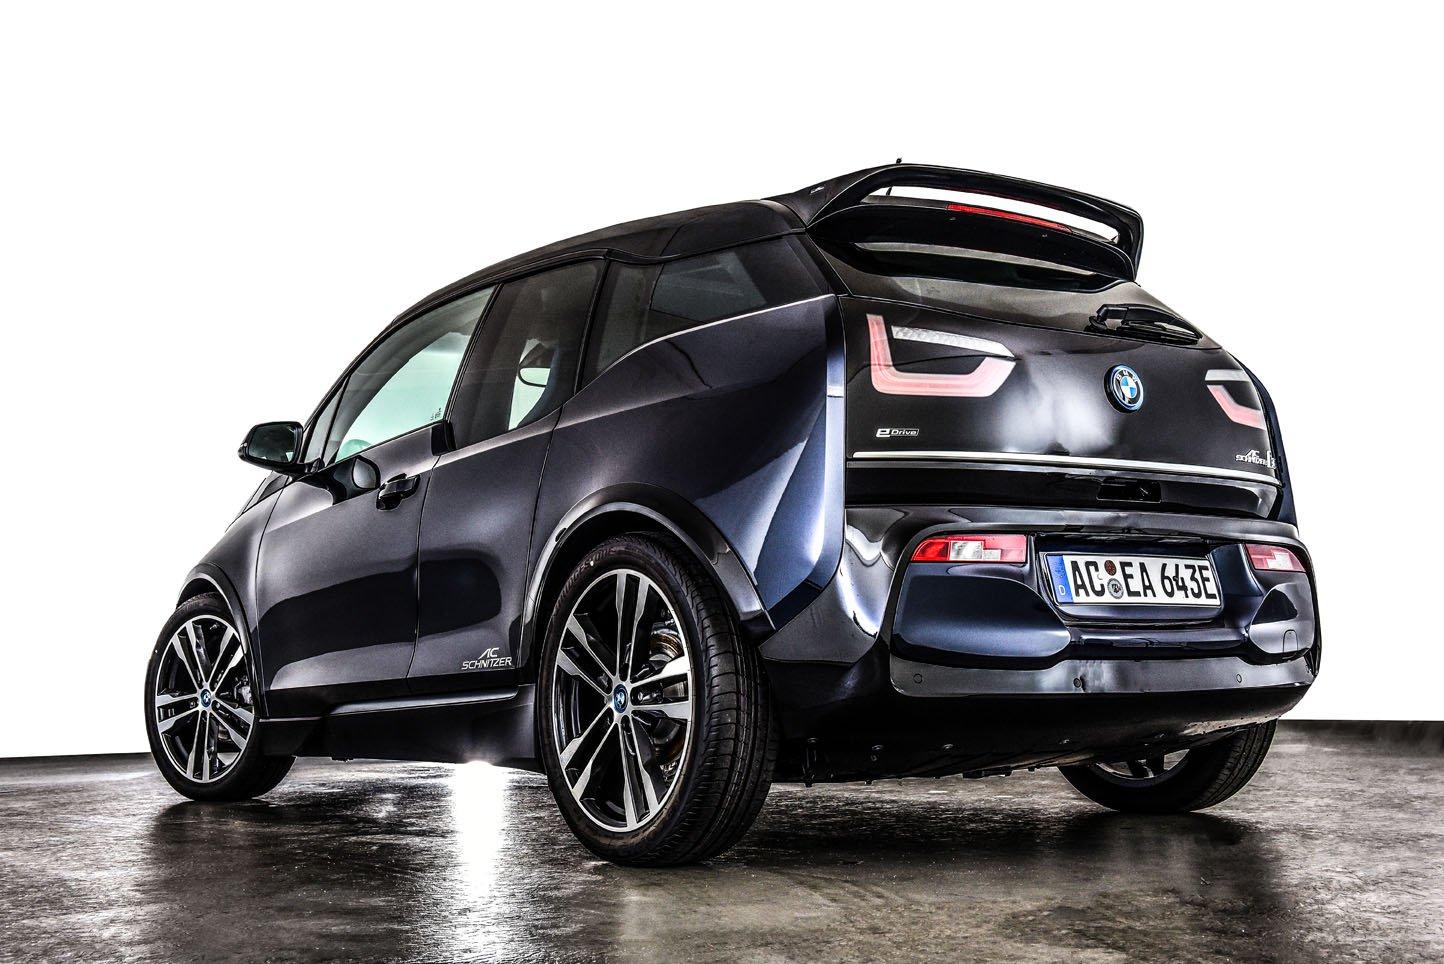 BMW-i3s-by-AC-Schnitzer-4